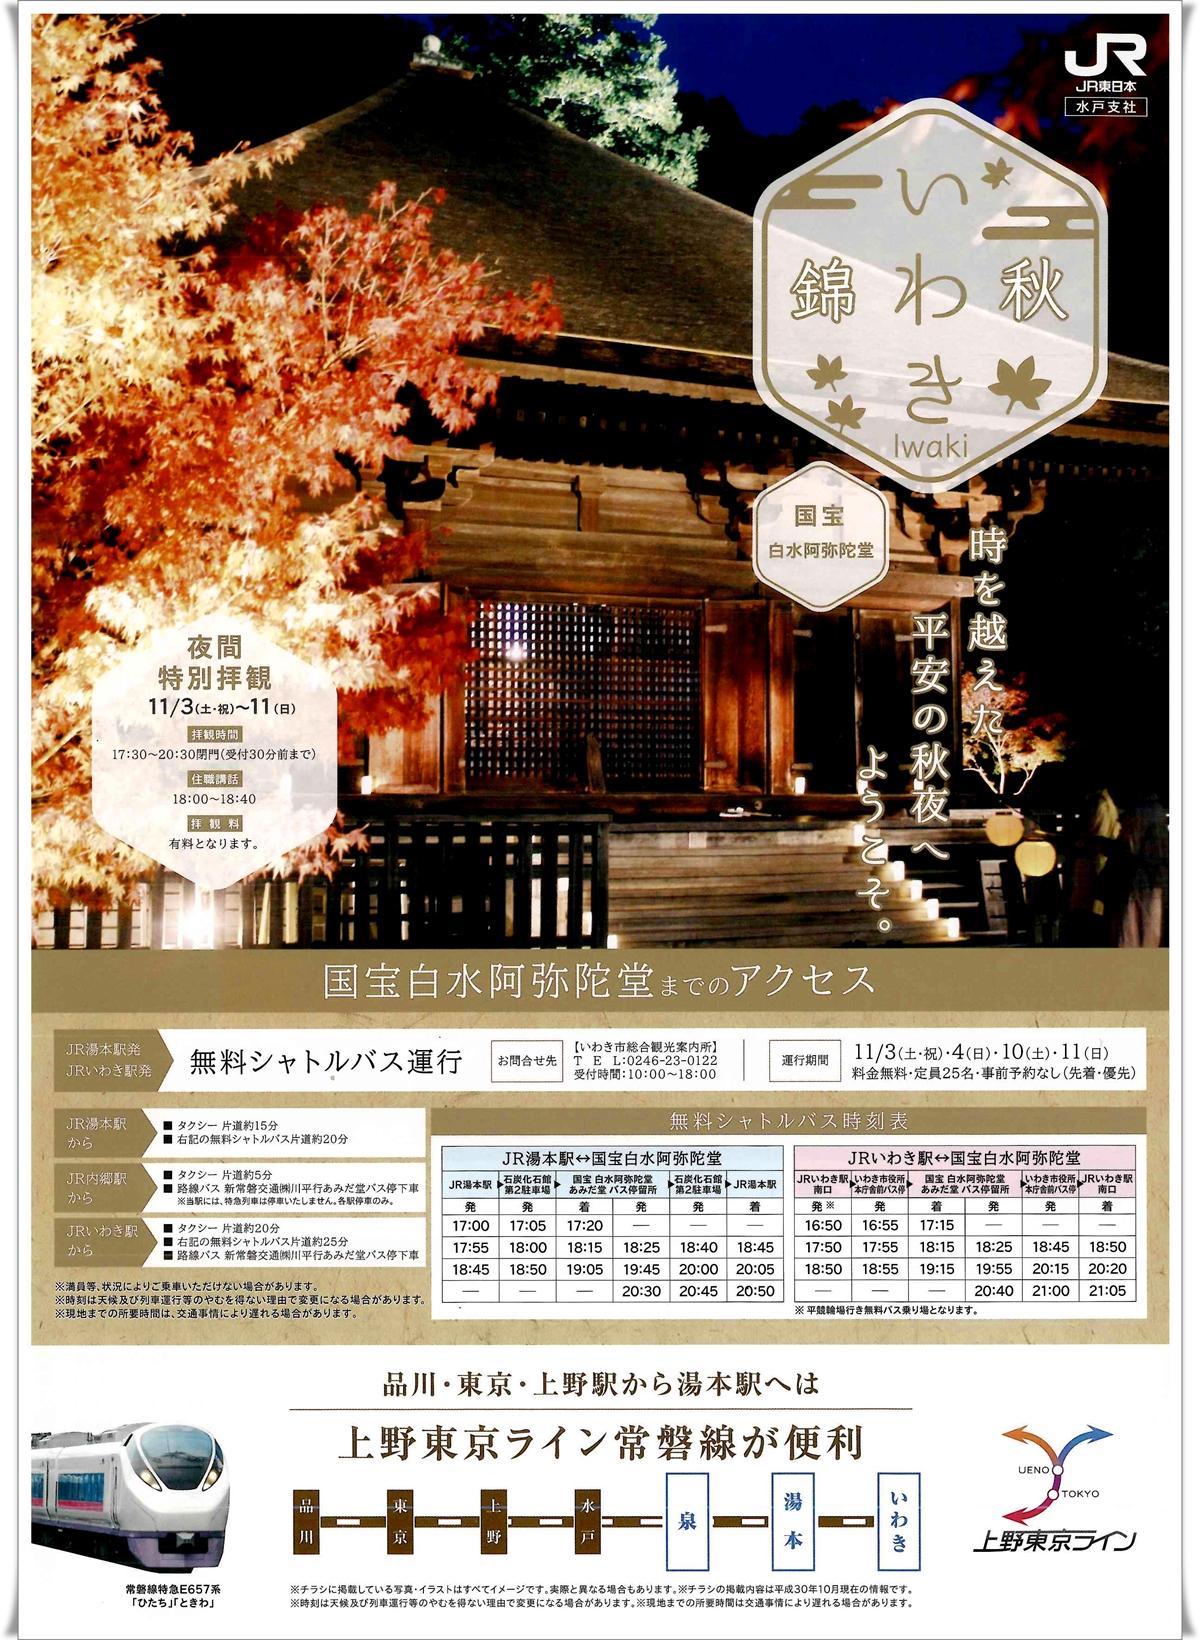 国宝白水阿弥陀堂「夜間特別拝観」を今年も開催いたします! [平成30年10月31日(水)更新]1